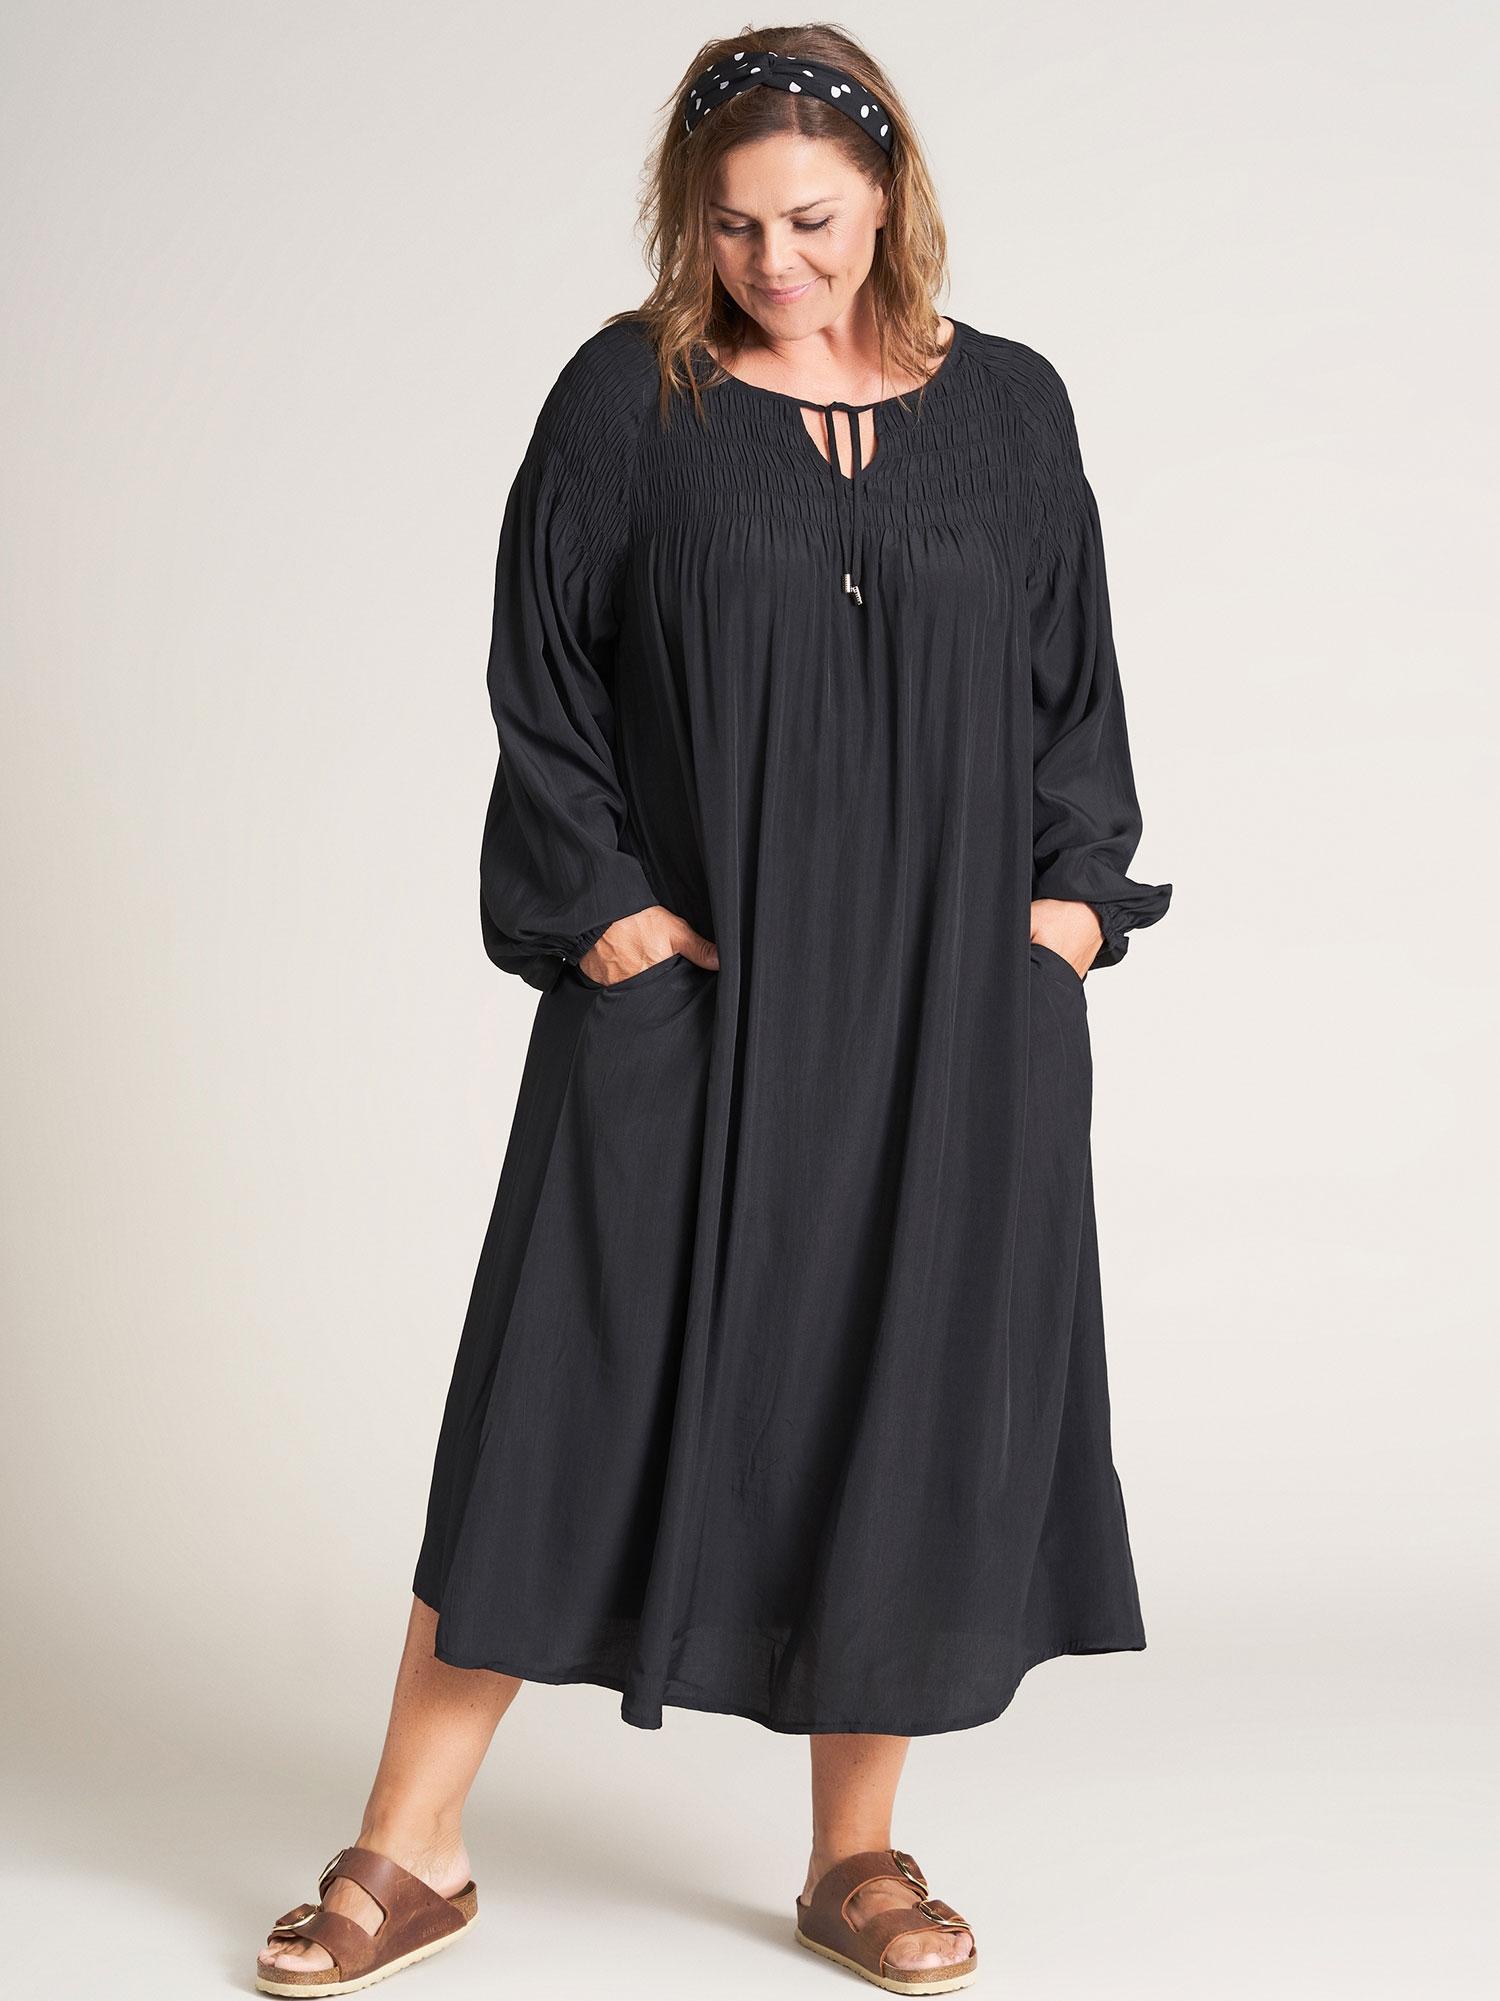 Sort lang kjole med smockelastik